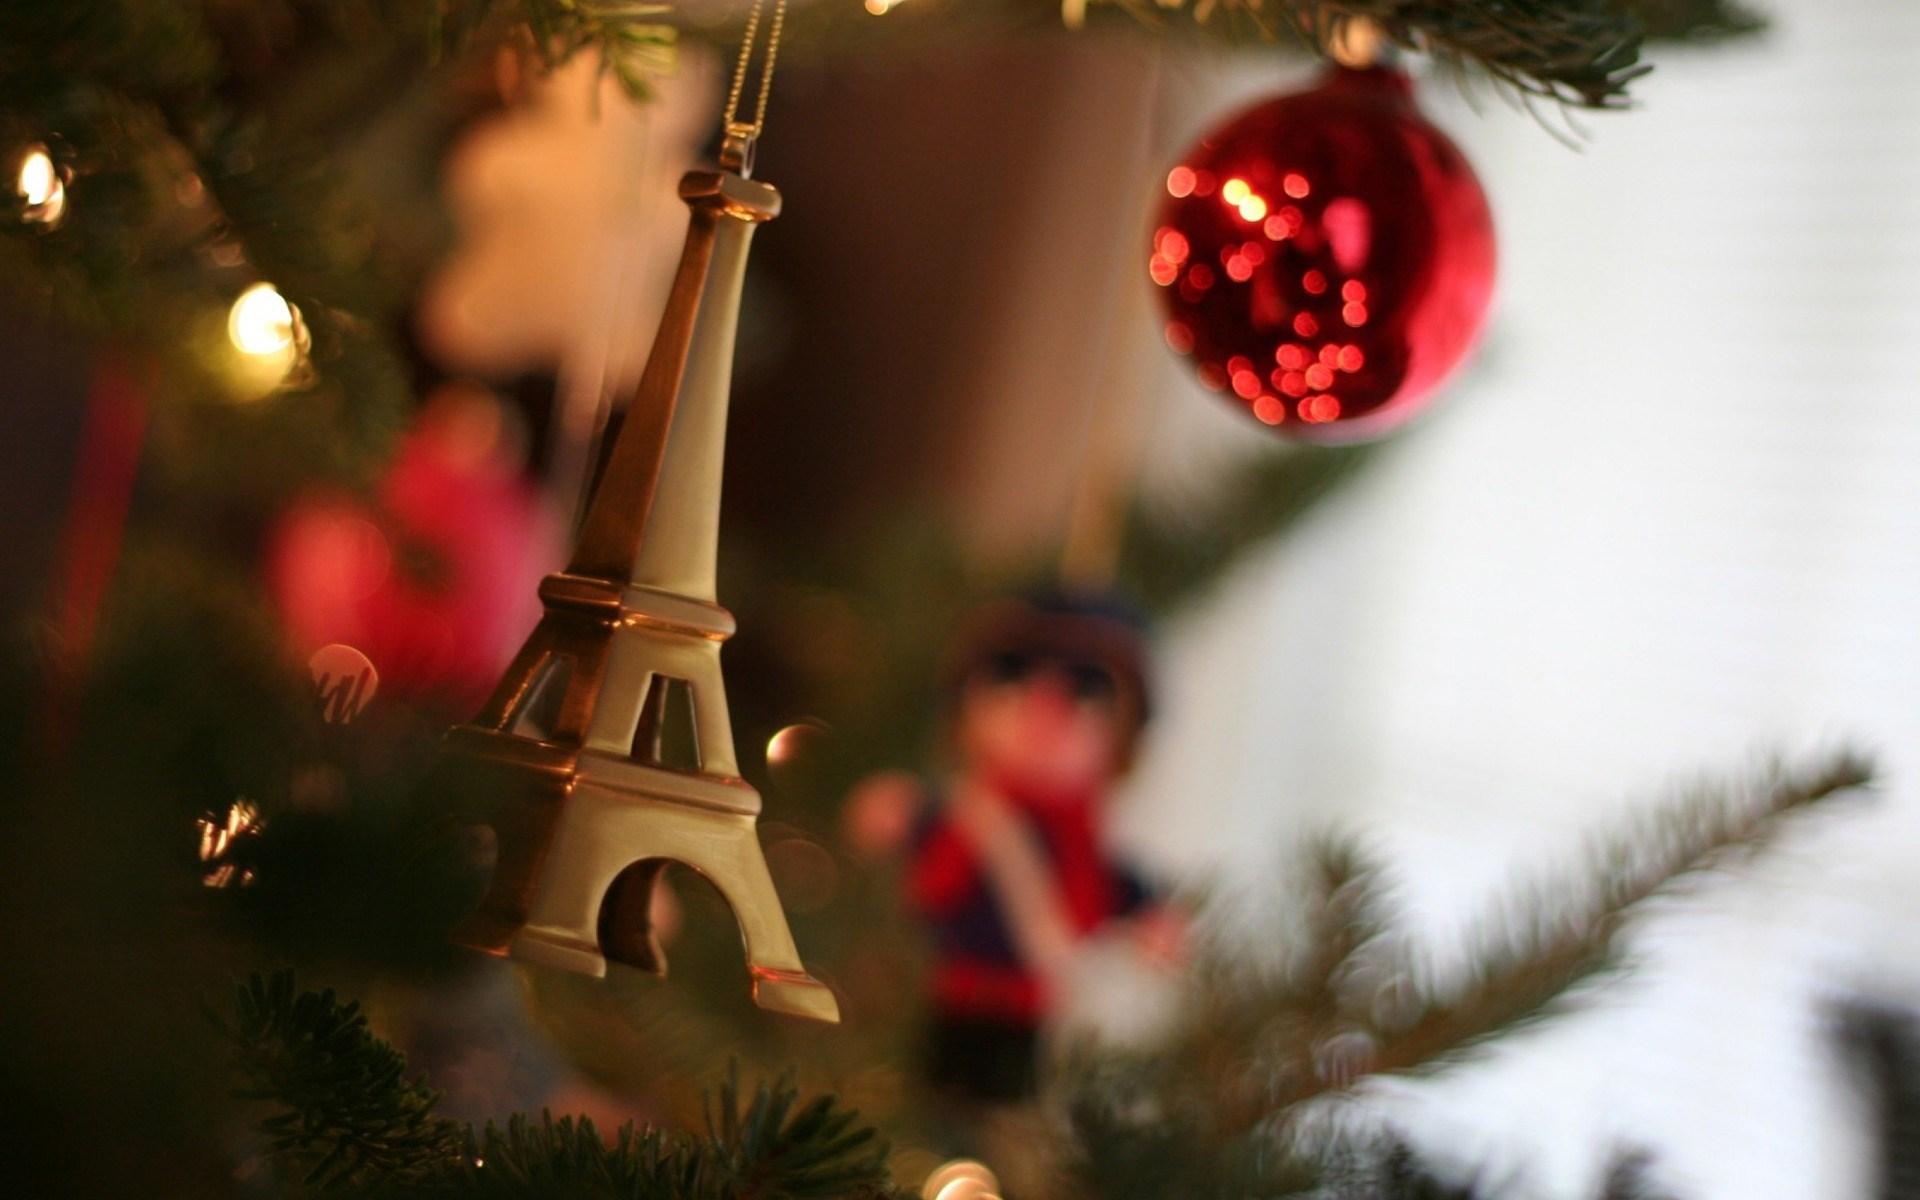 Beautiful Holiday Close Up Wallpaper